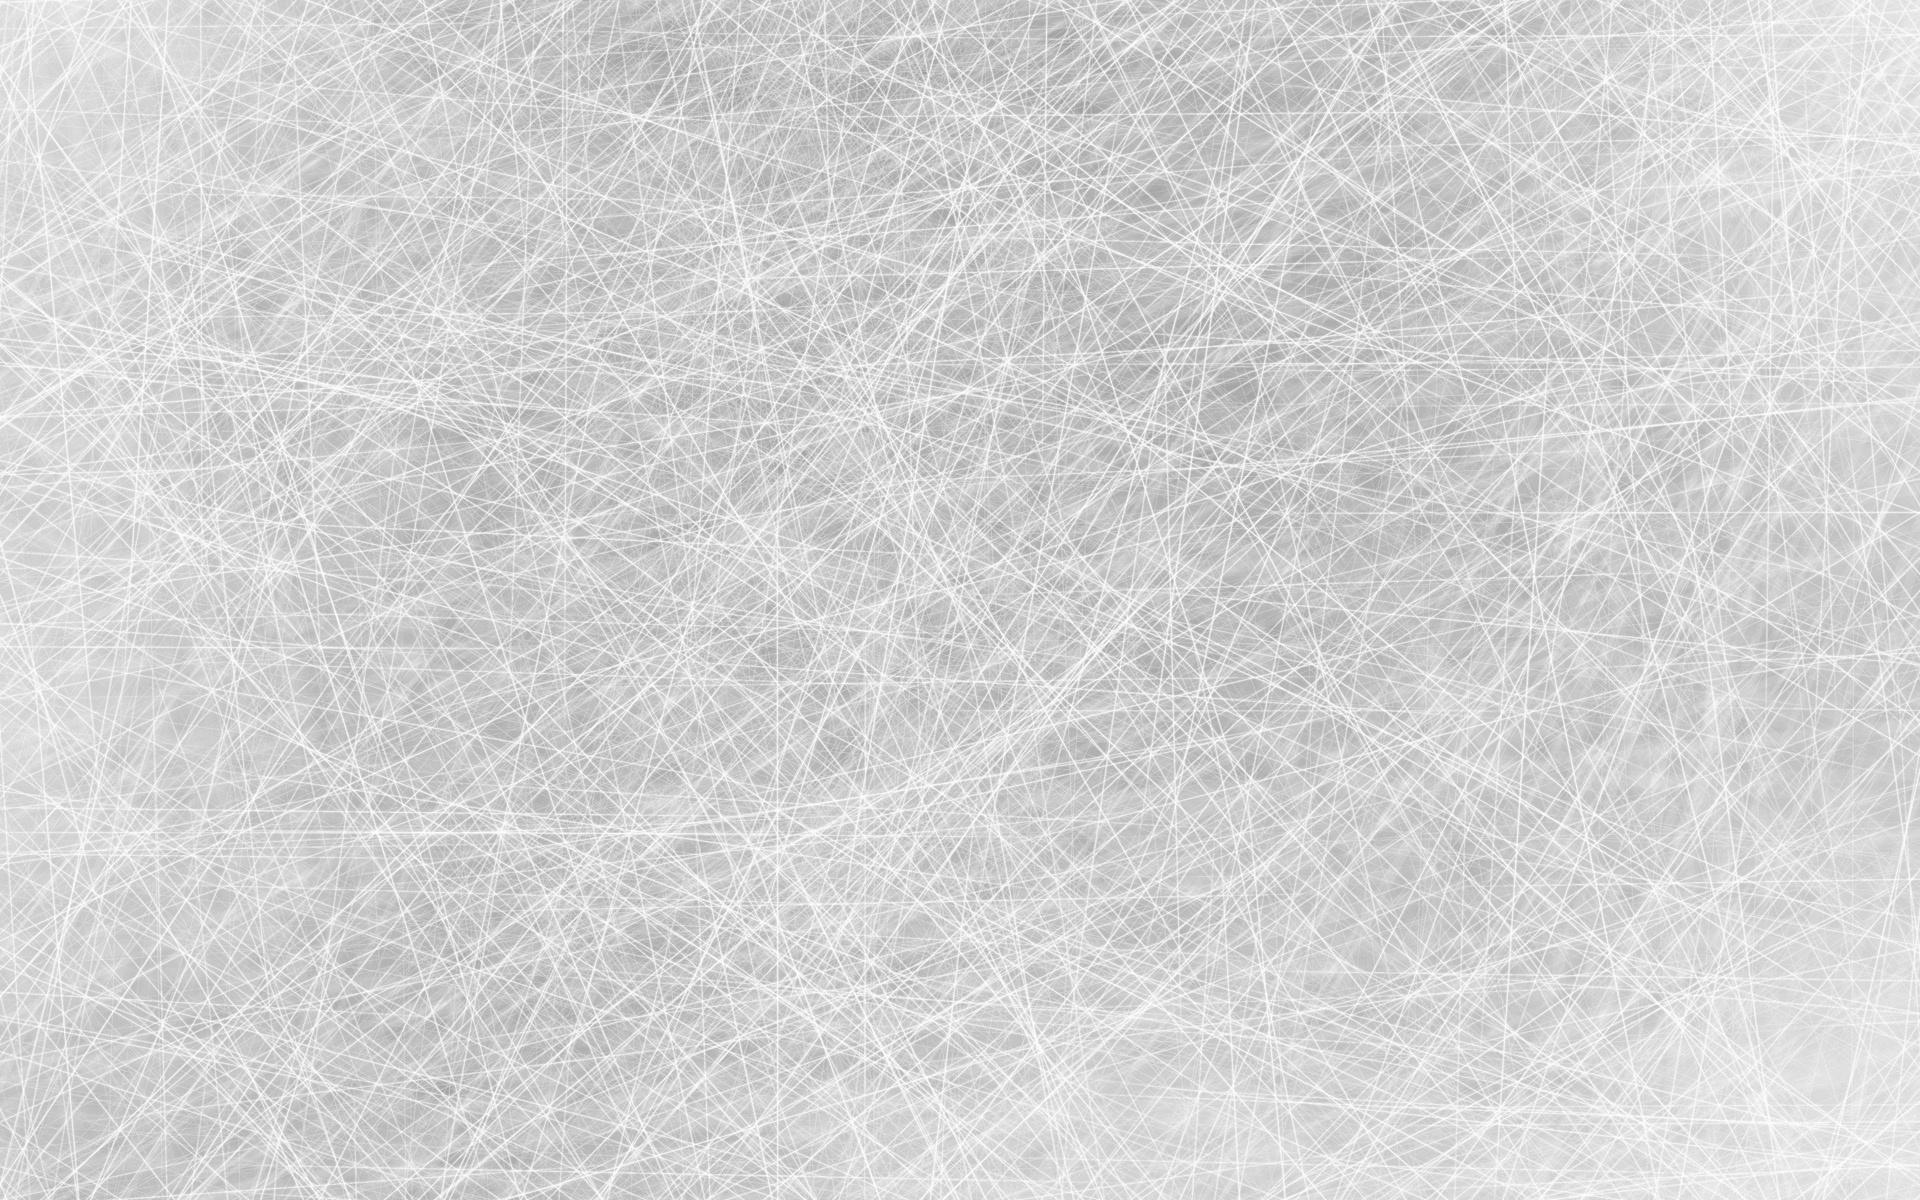 Hình nền trắng đẹp (96)